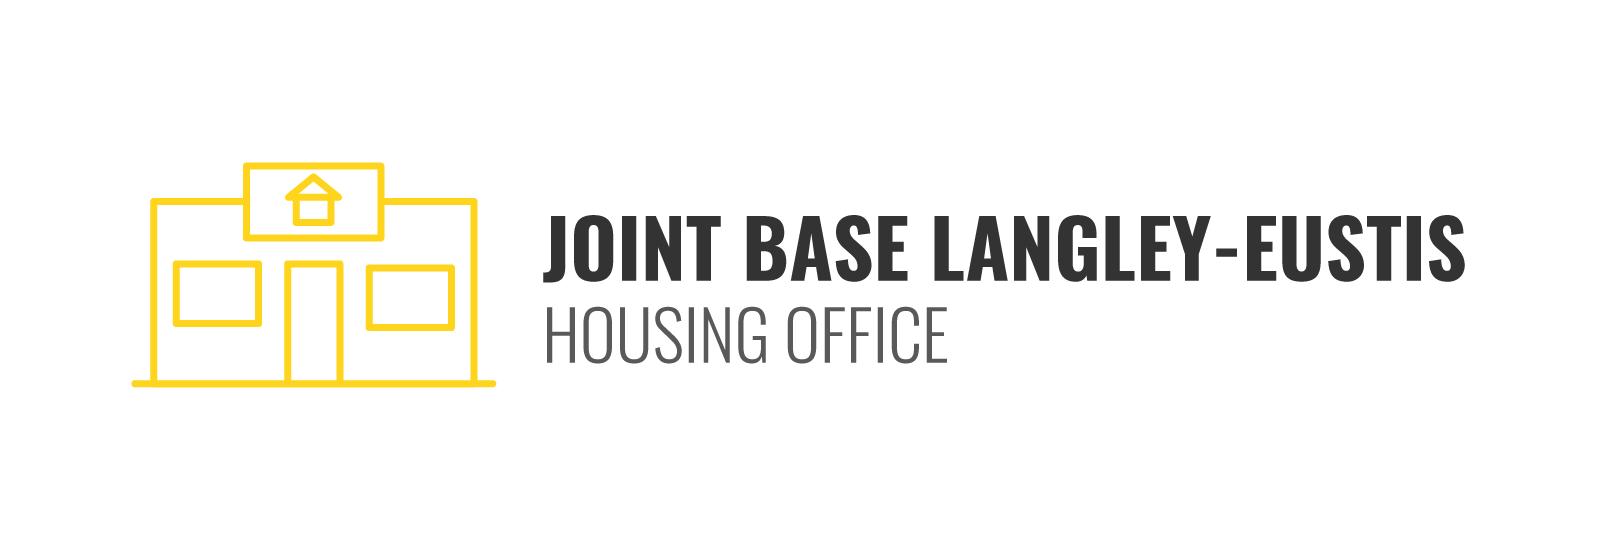 Joint Base Langley-Eustis Housing Office